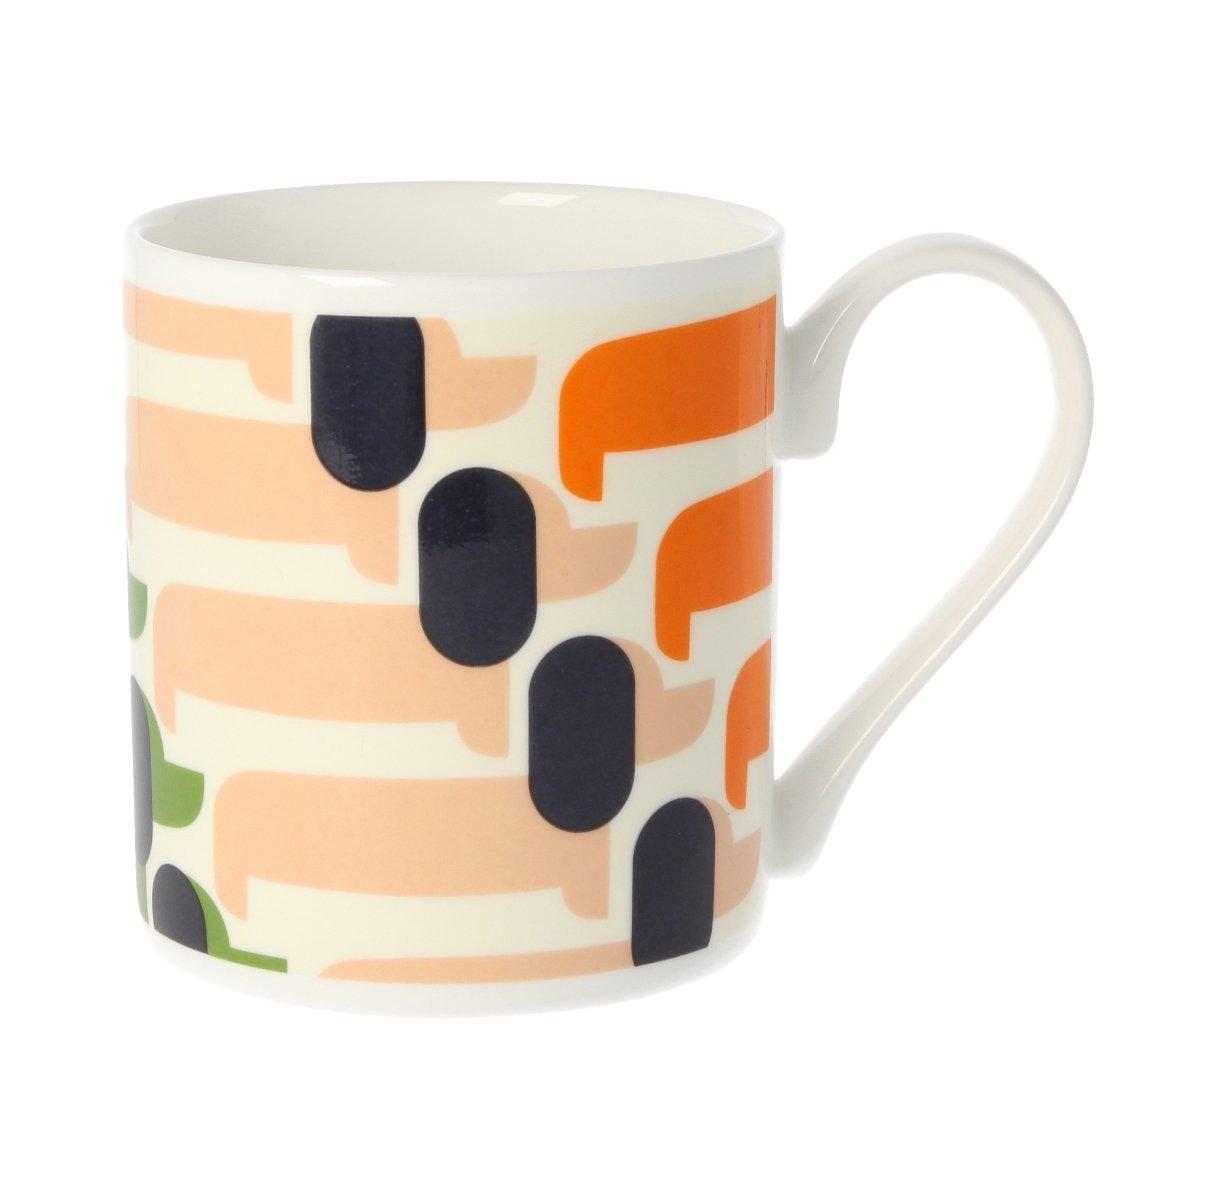 sausage-dog-orange-mug-622039_1216x1200